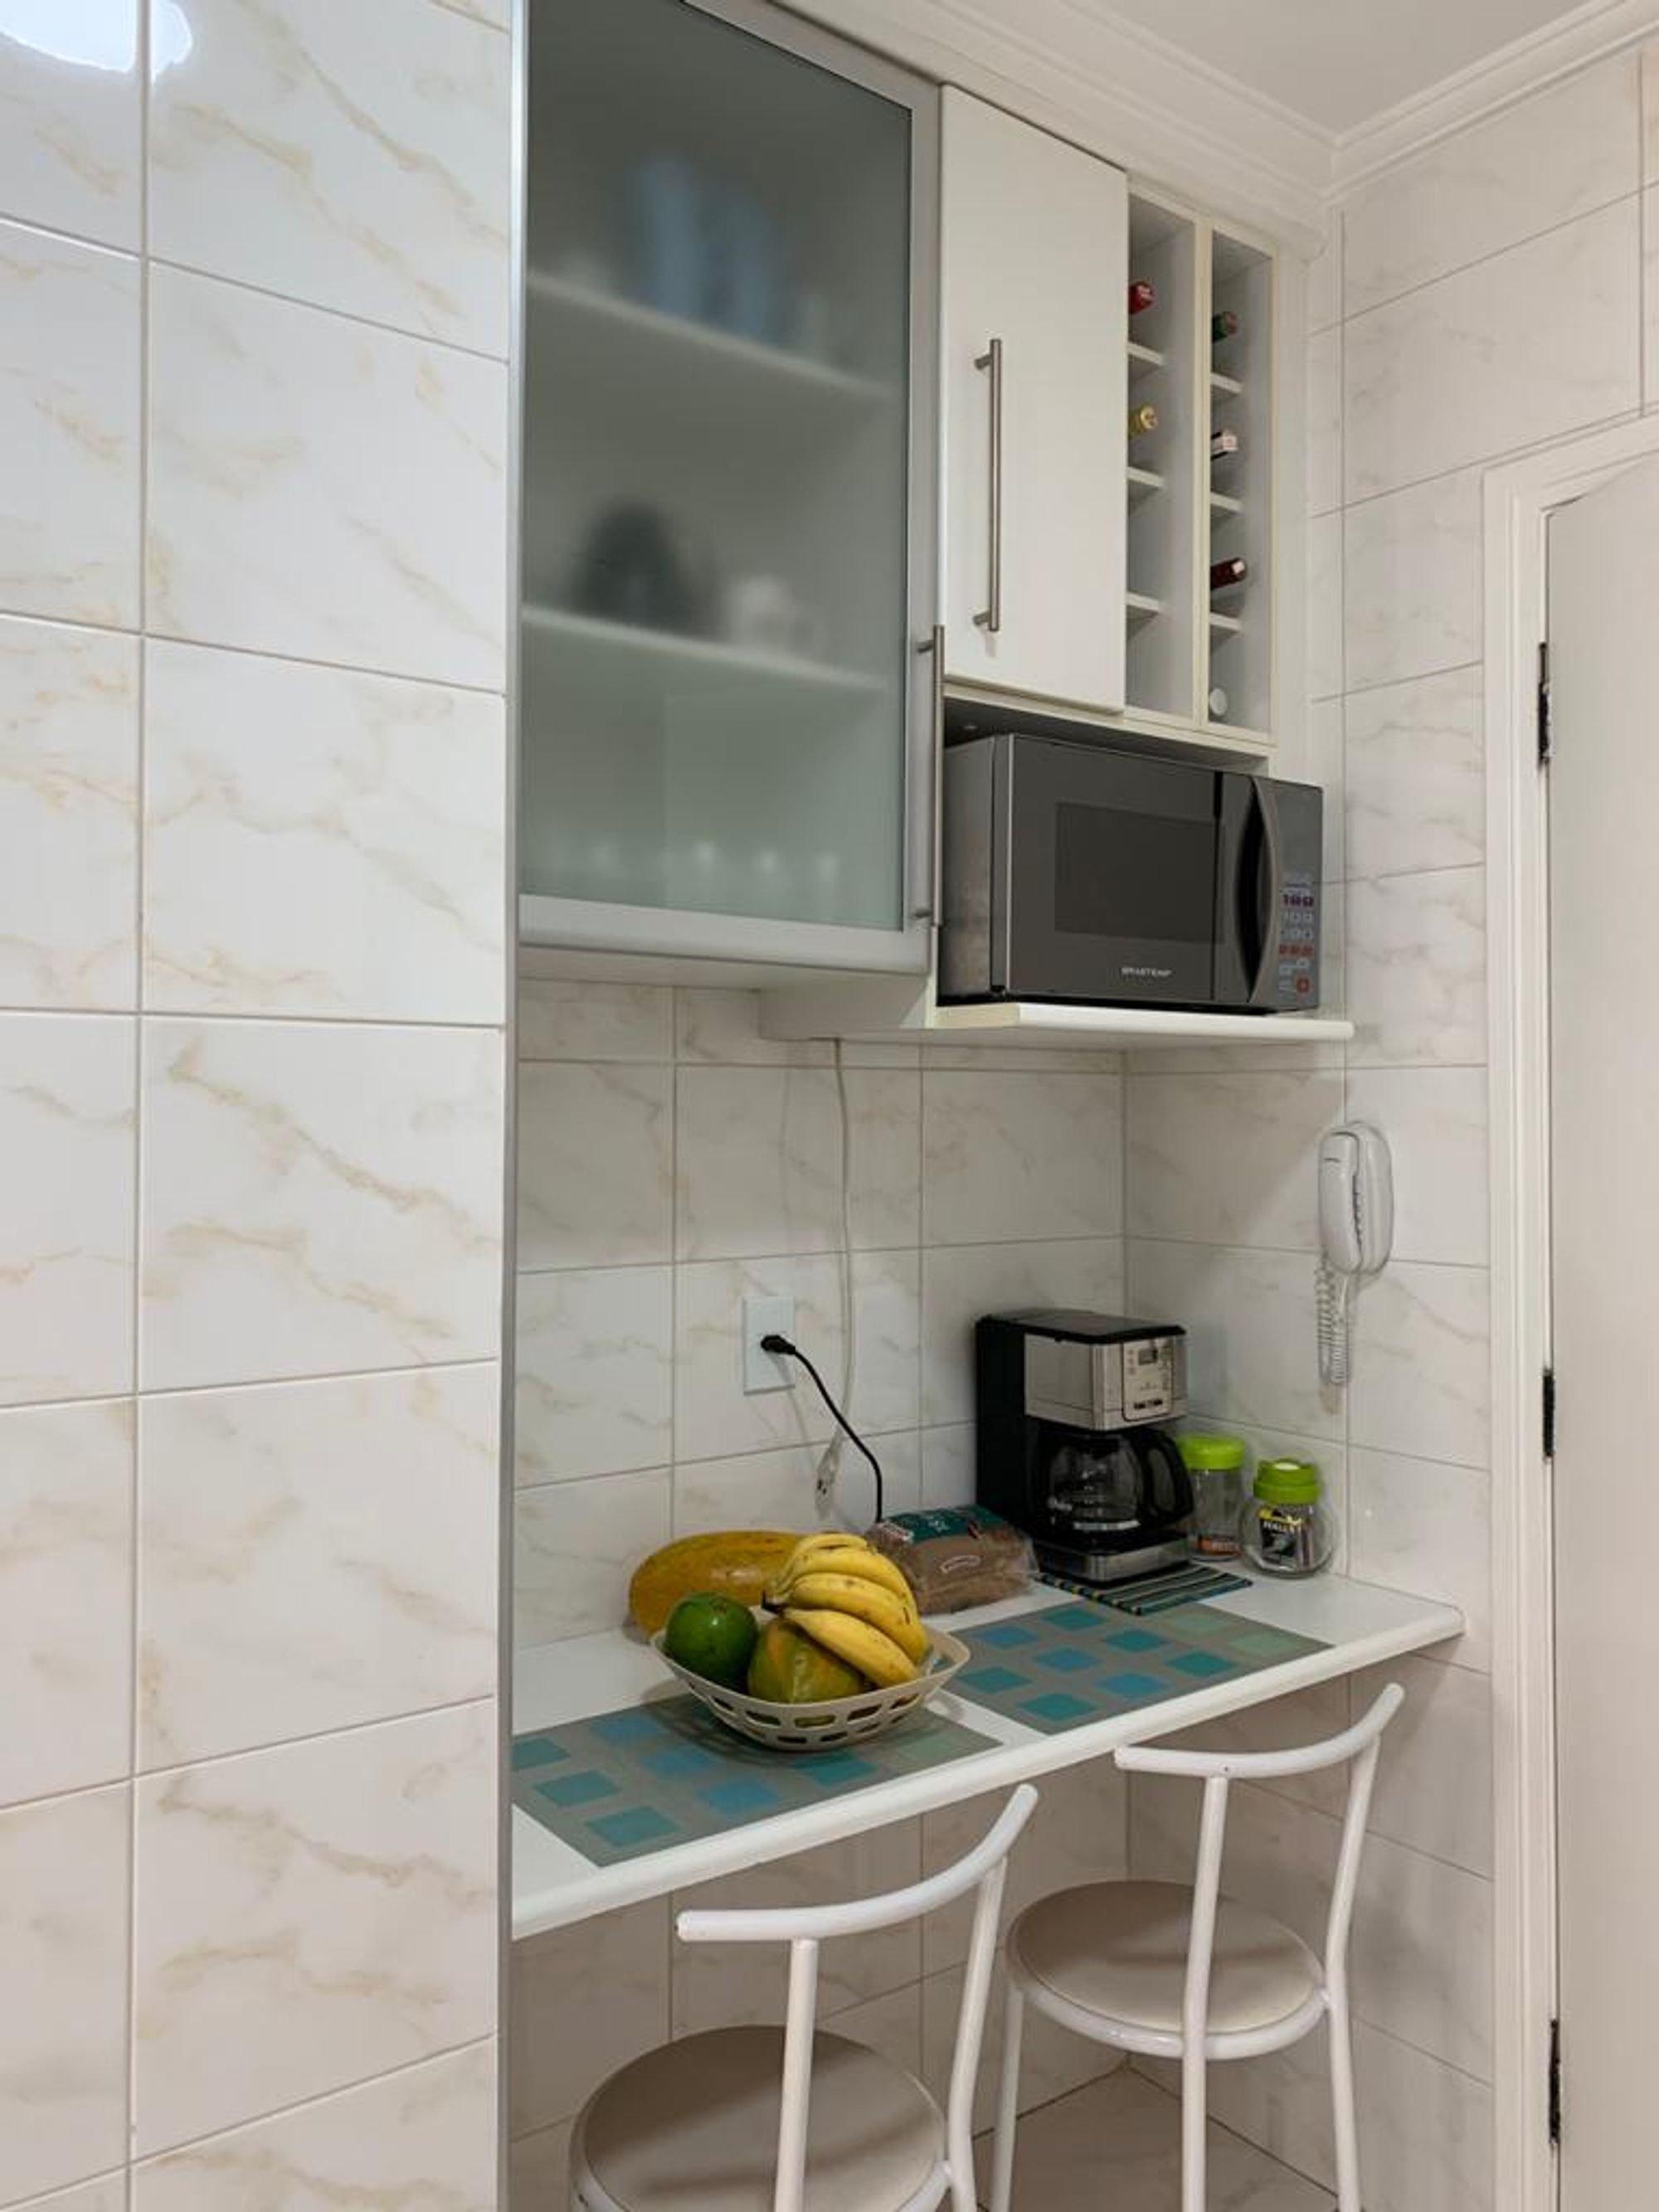 Foto de Cozinha com tigela, cadeira, microondas, xícara